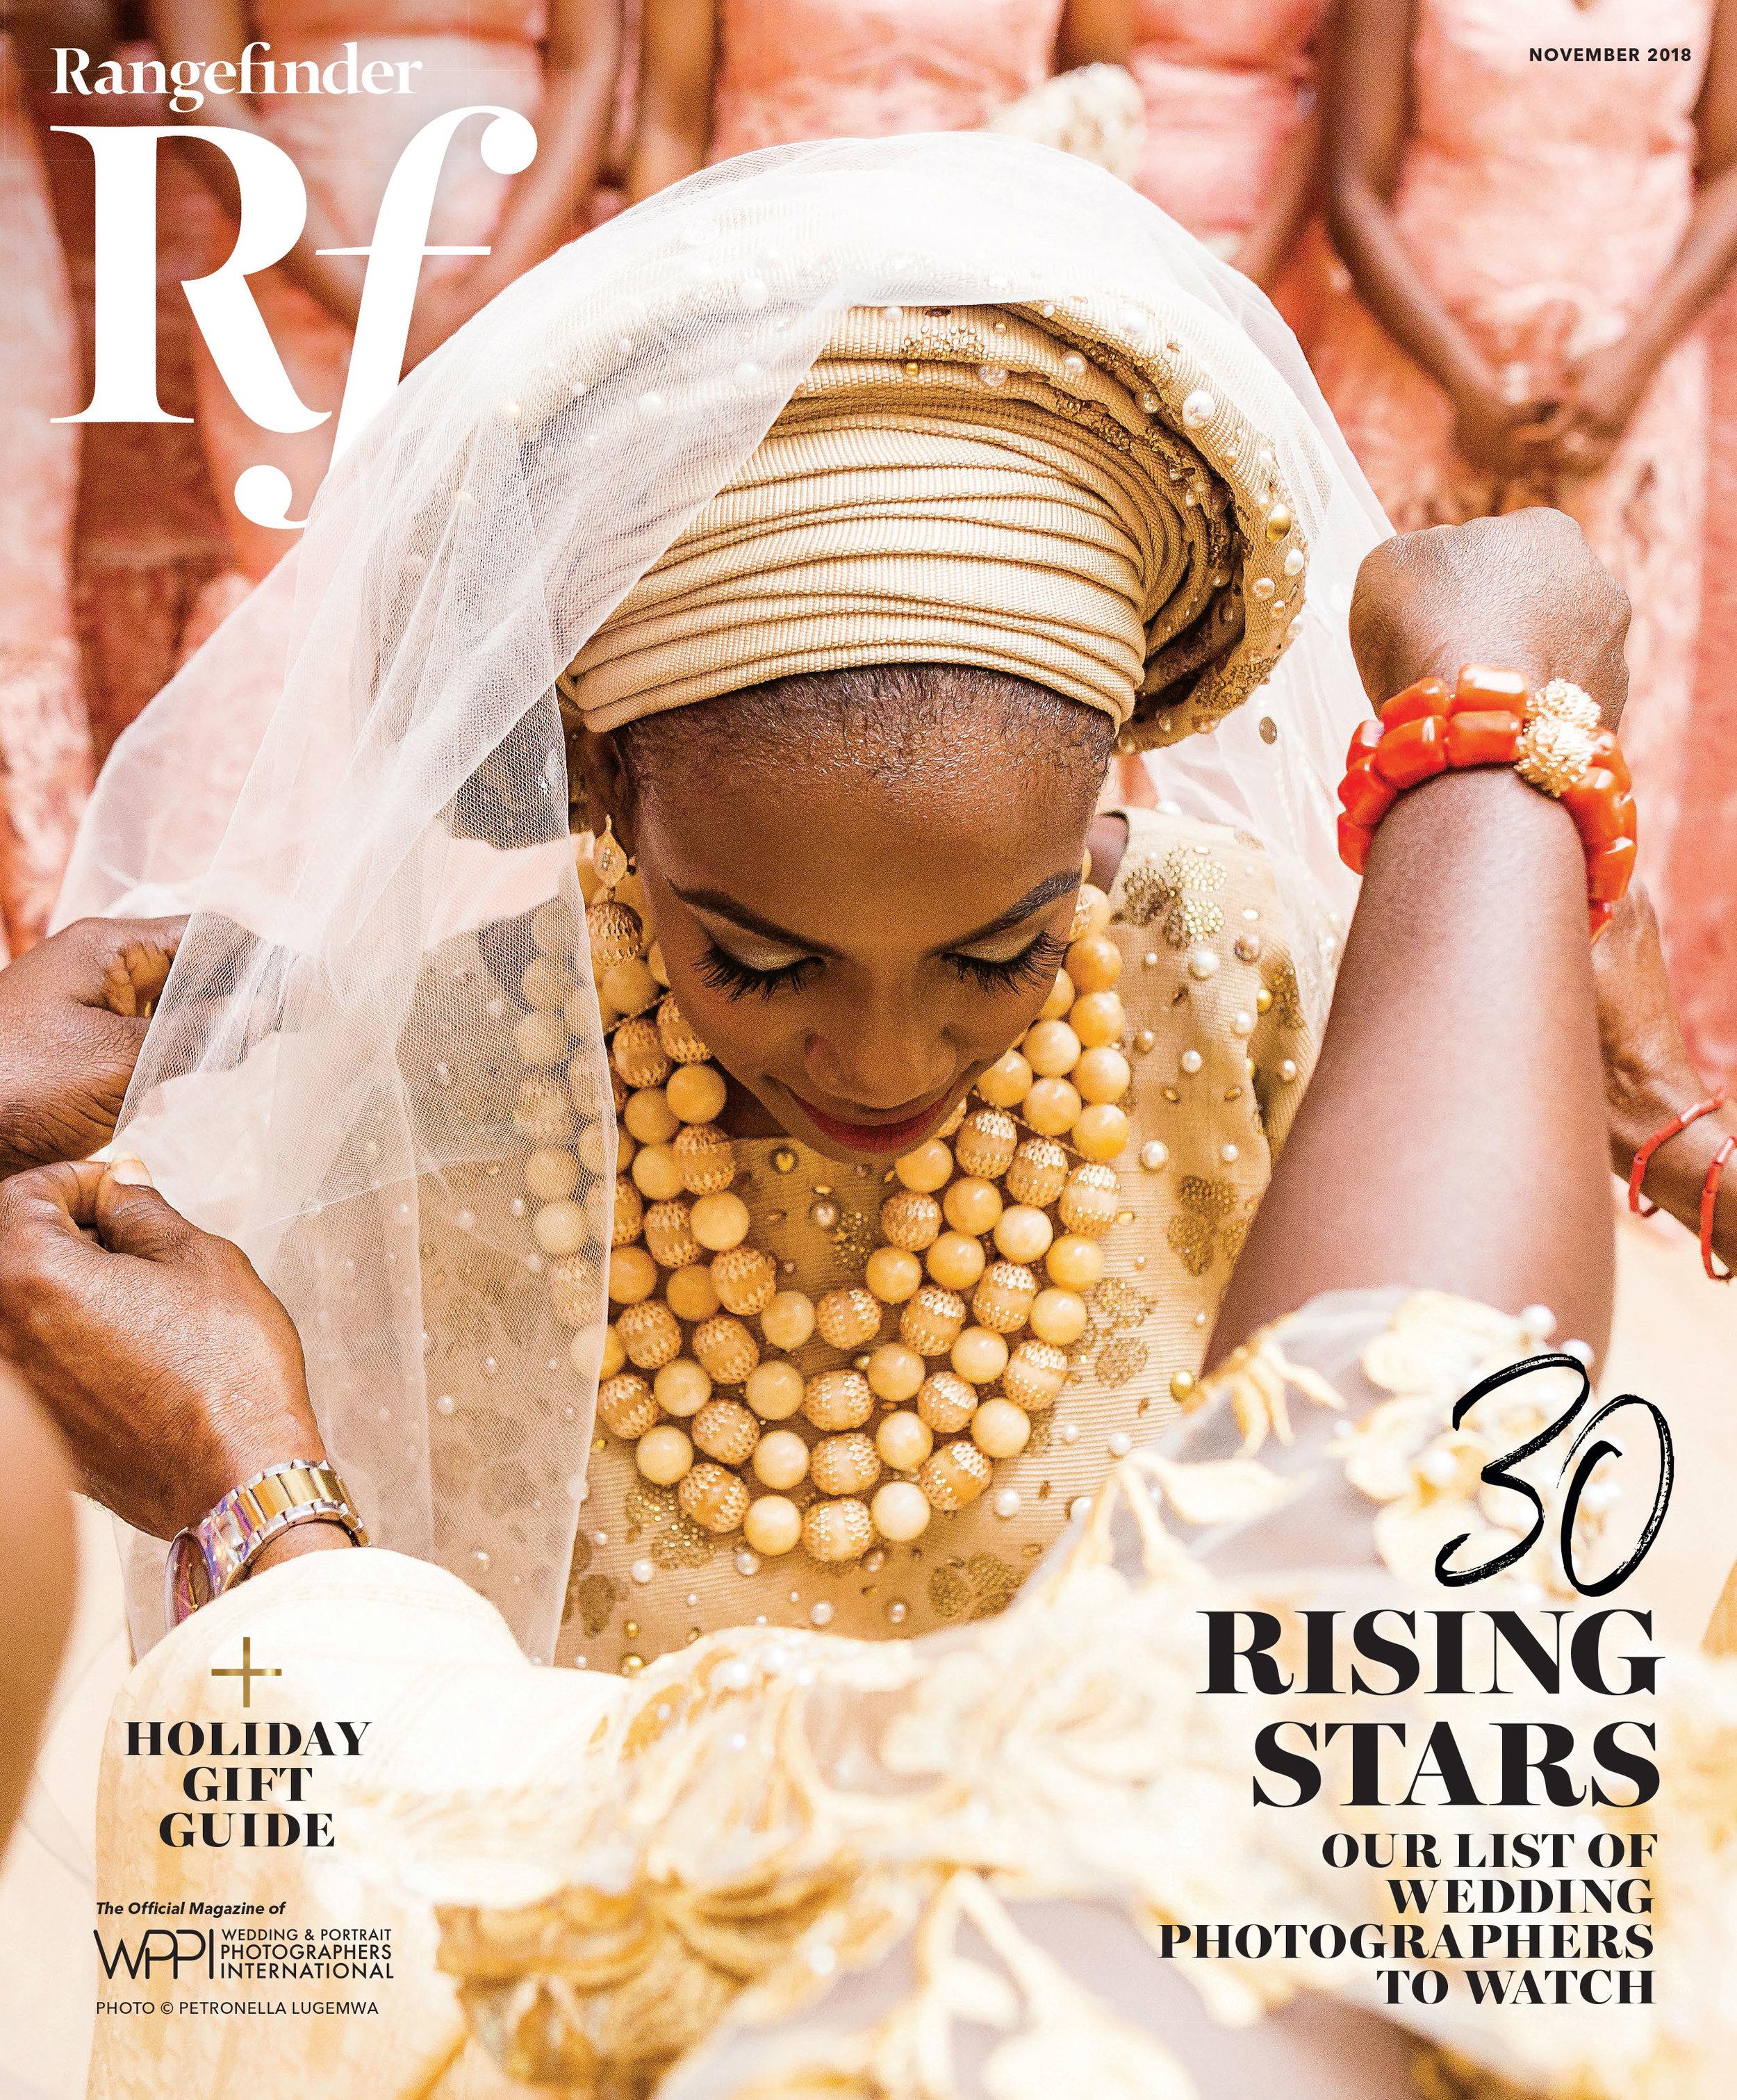 Rf_Nov_Cover.jpg